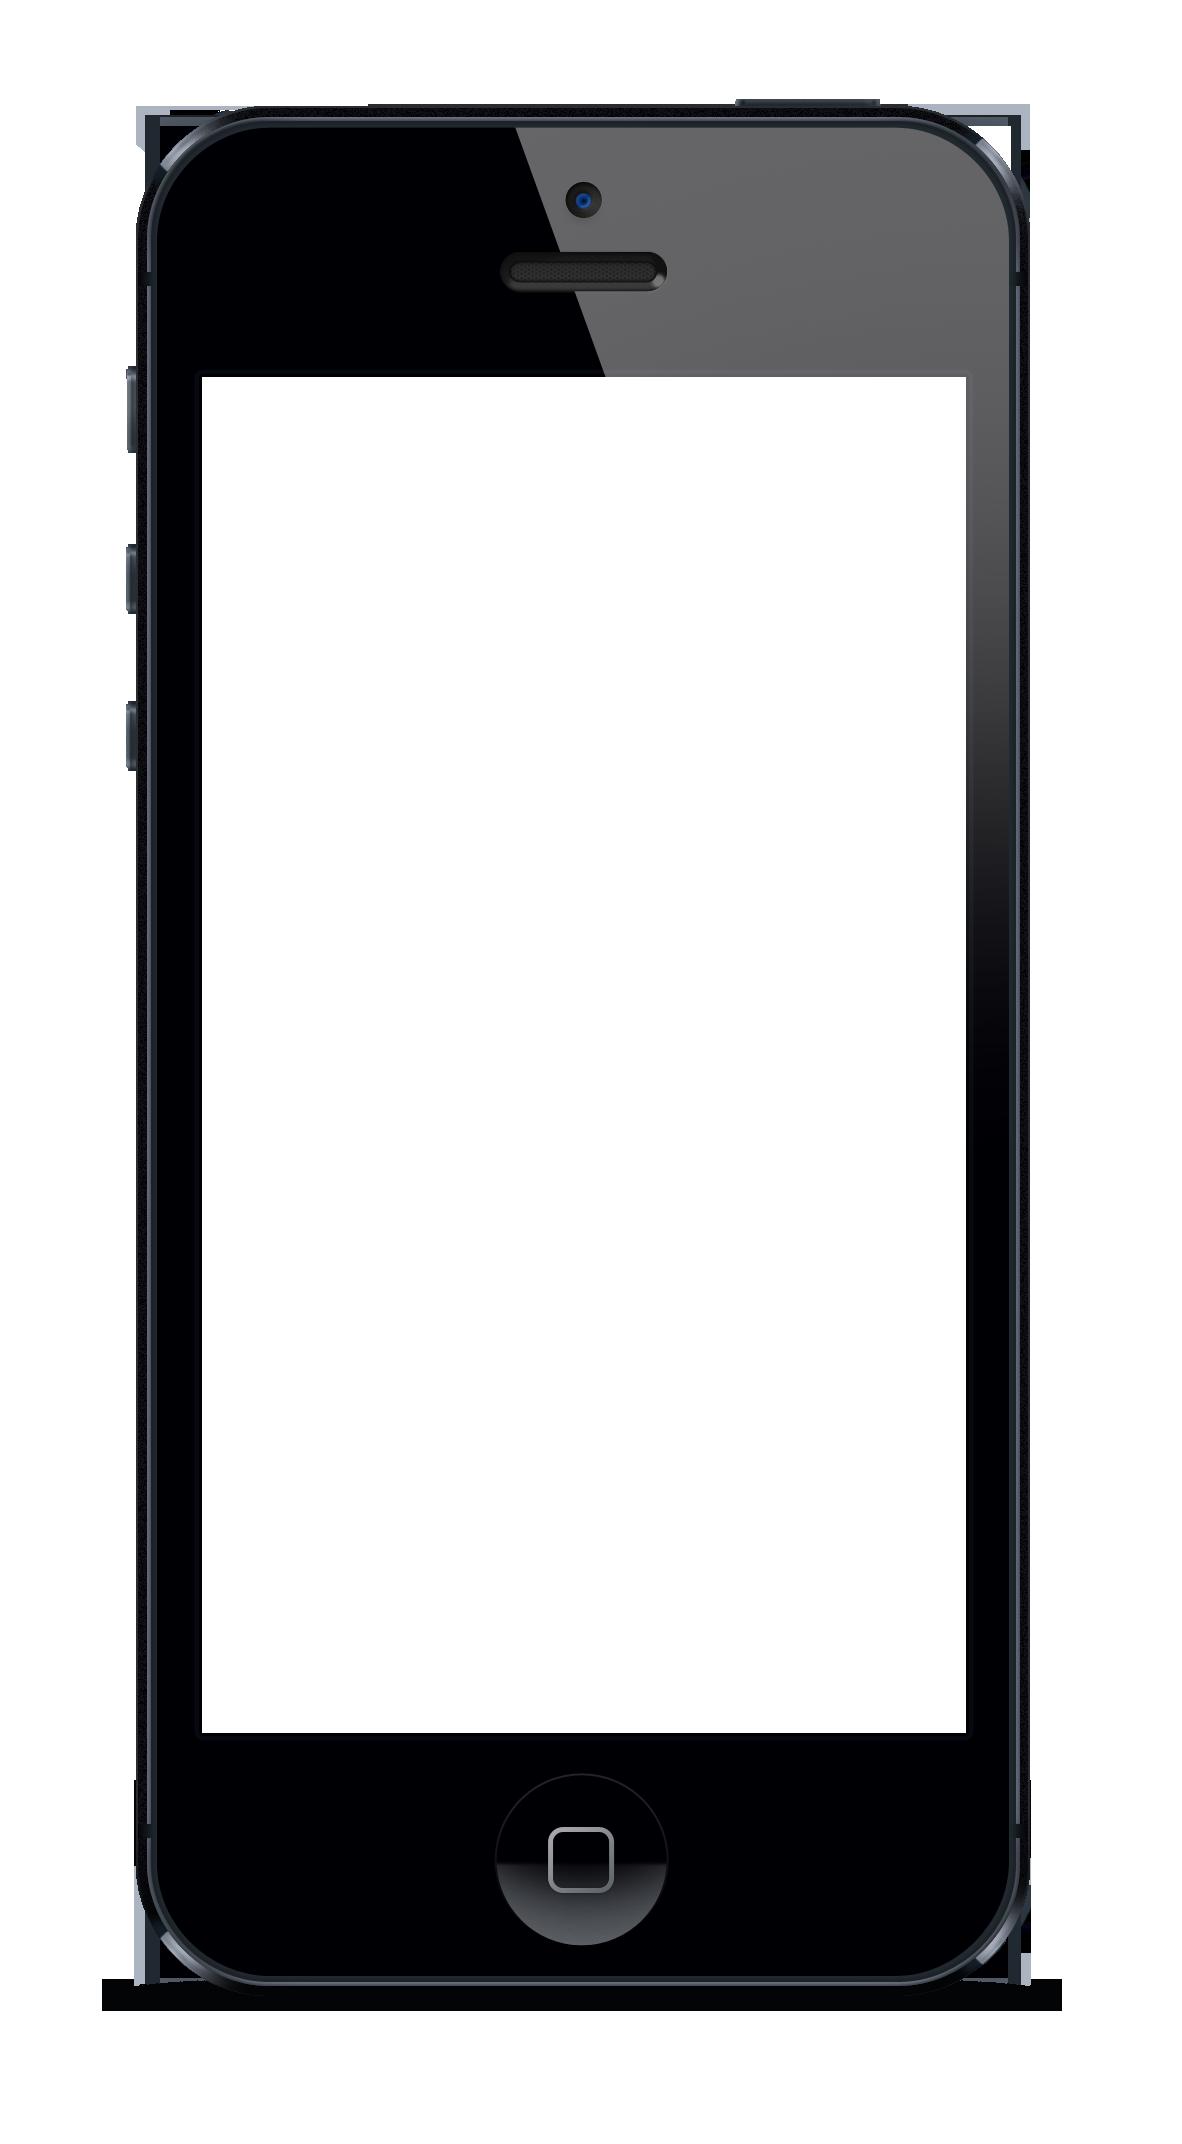 iphone5.png (1182×2144) Celular, Celulares